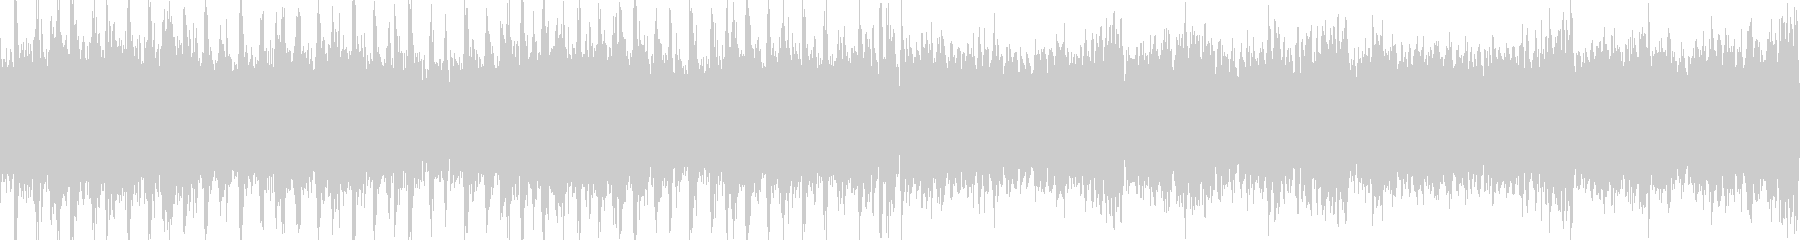 【ループ】不気味な雰囲気の魔王城2の未再生の波形